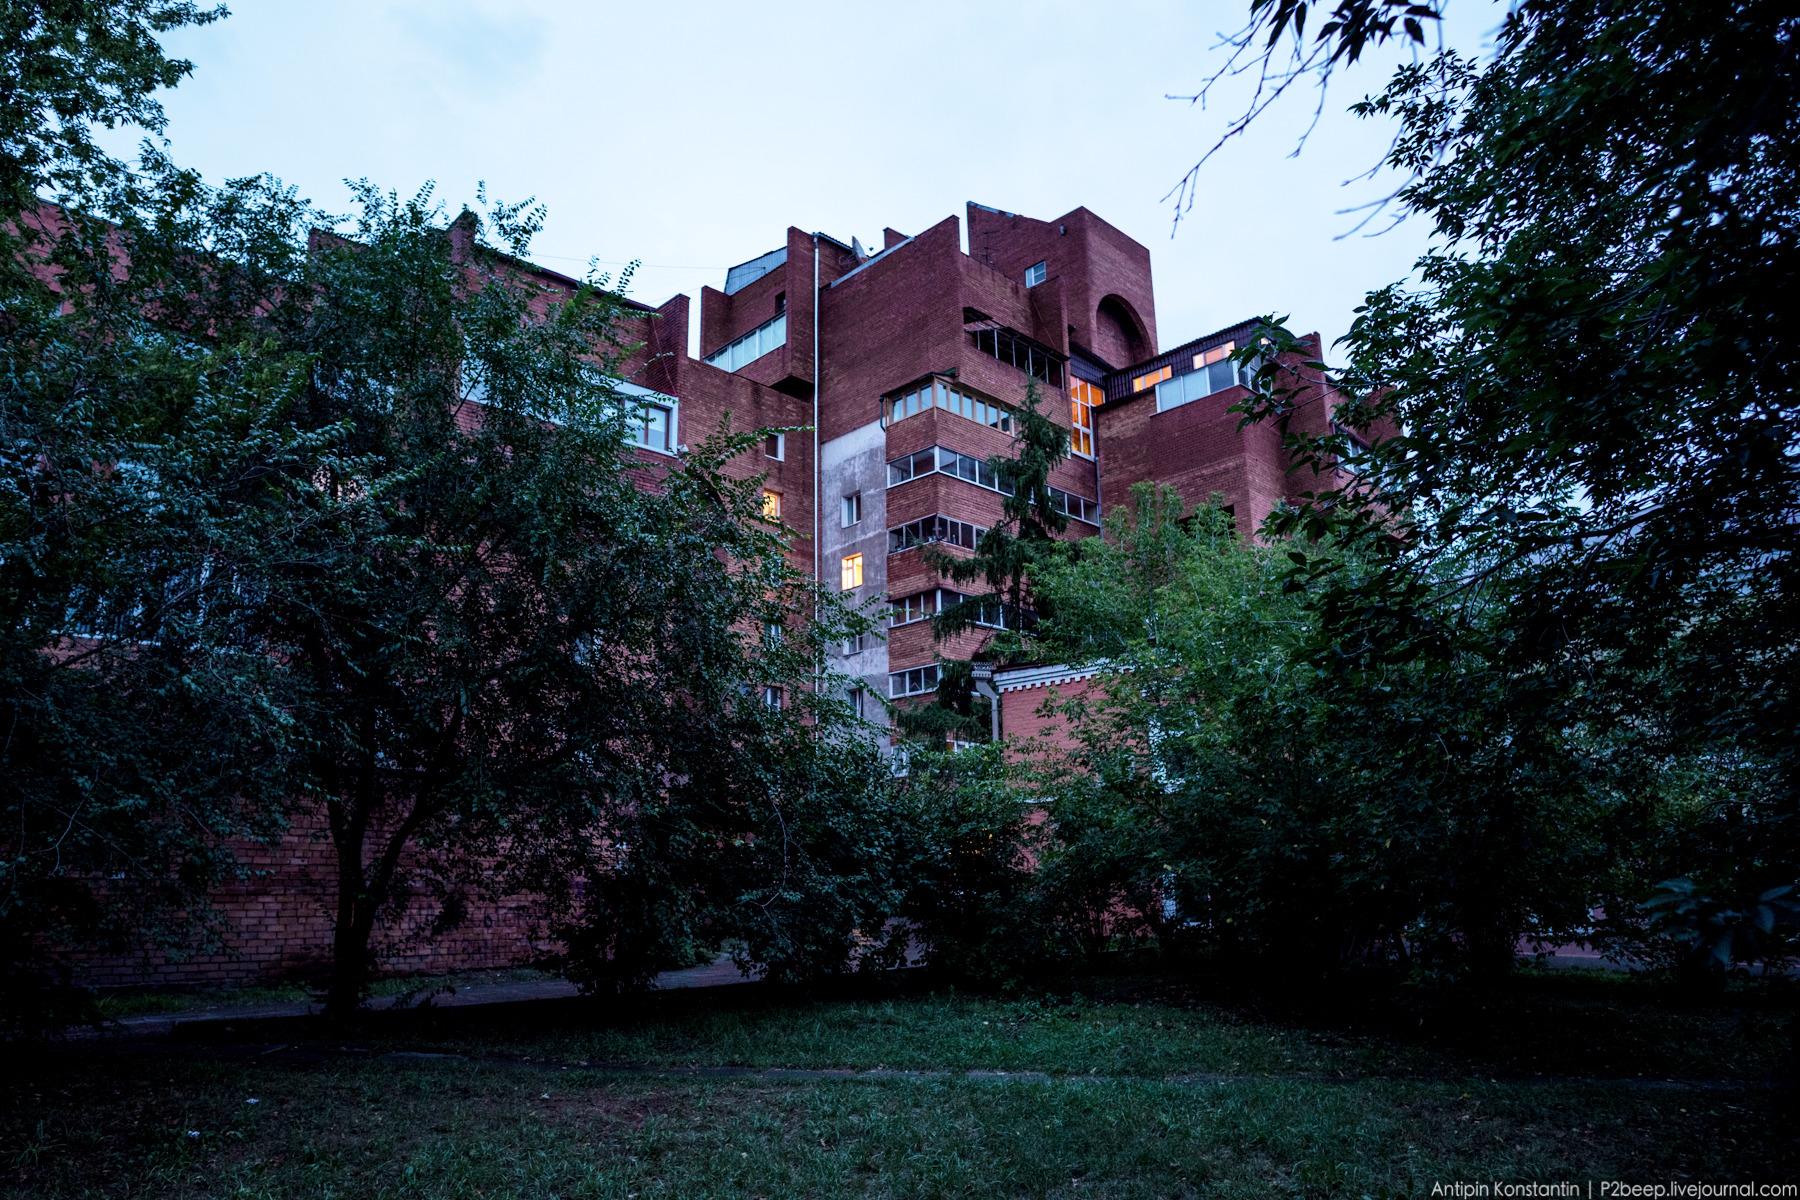 Строительство дома ВСЖД завершилось в 1986 году